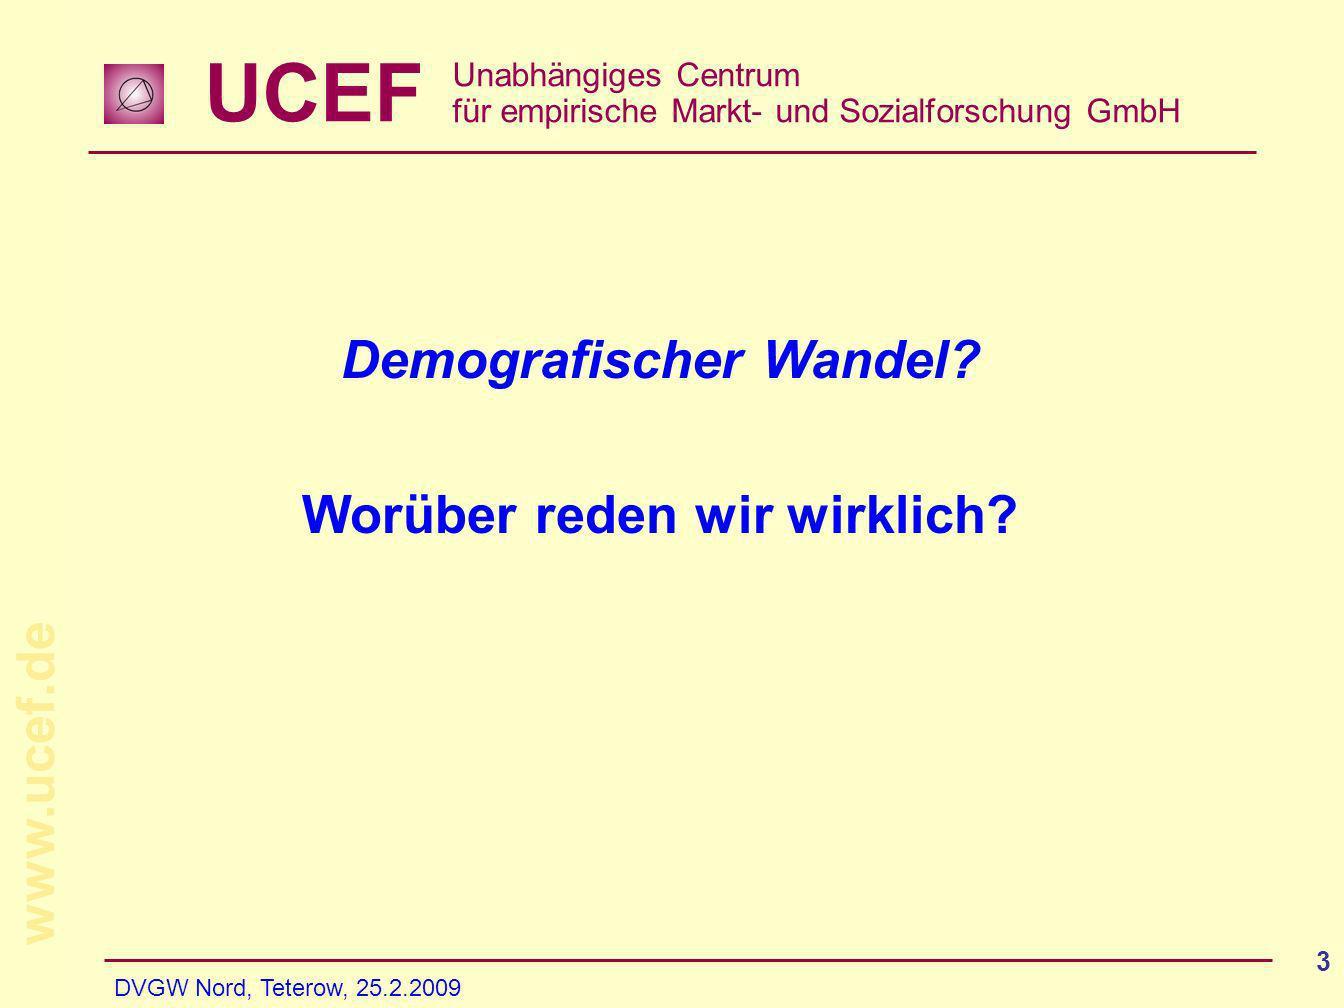 UCEF Unabhängiges Centrum für empirische Markt- und Sozialforschung GmbH www.ucef.de DVGW Nord, Teterow, 25.2.2009 3 Demografischer Wandel? Worüber re